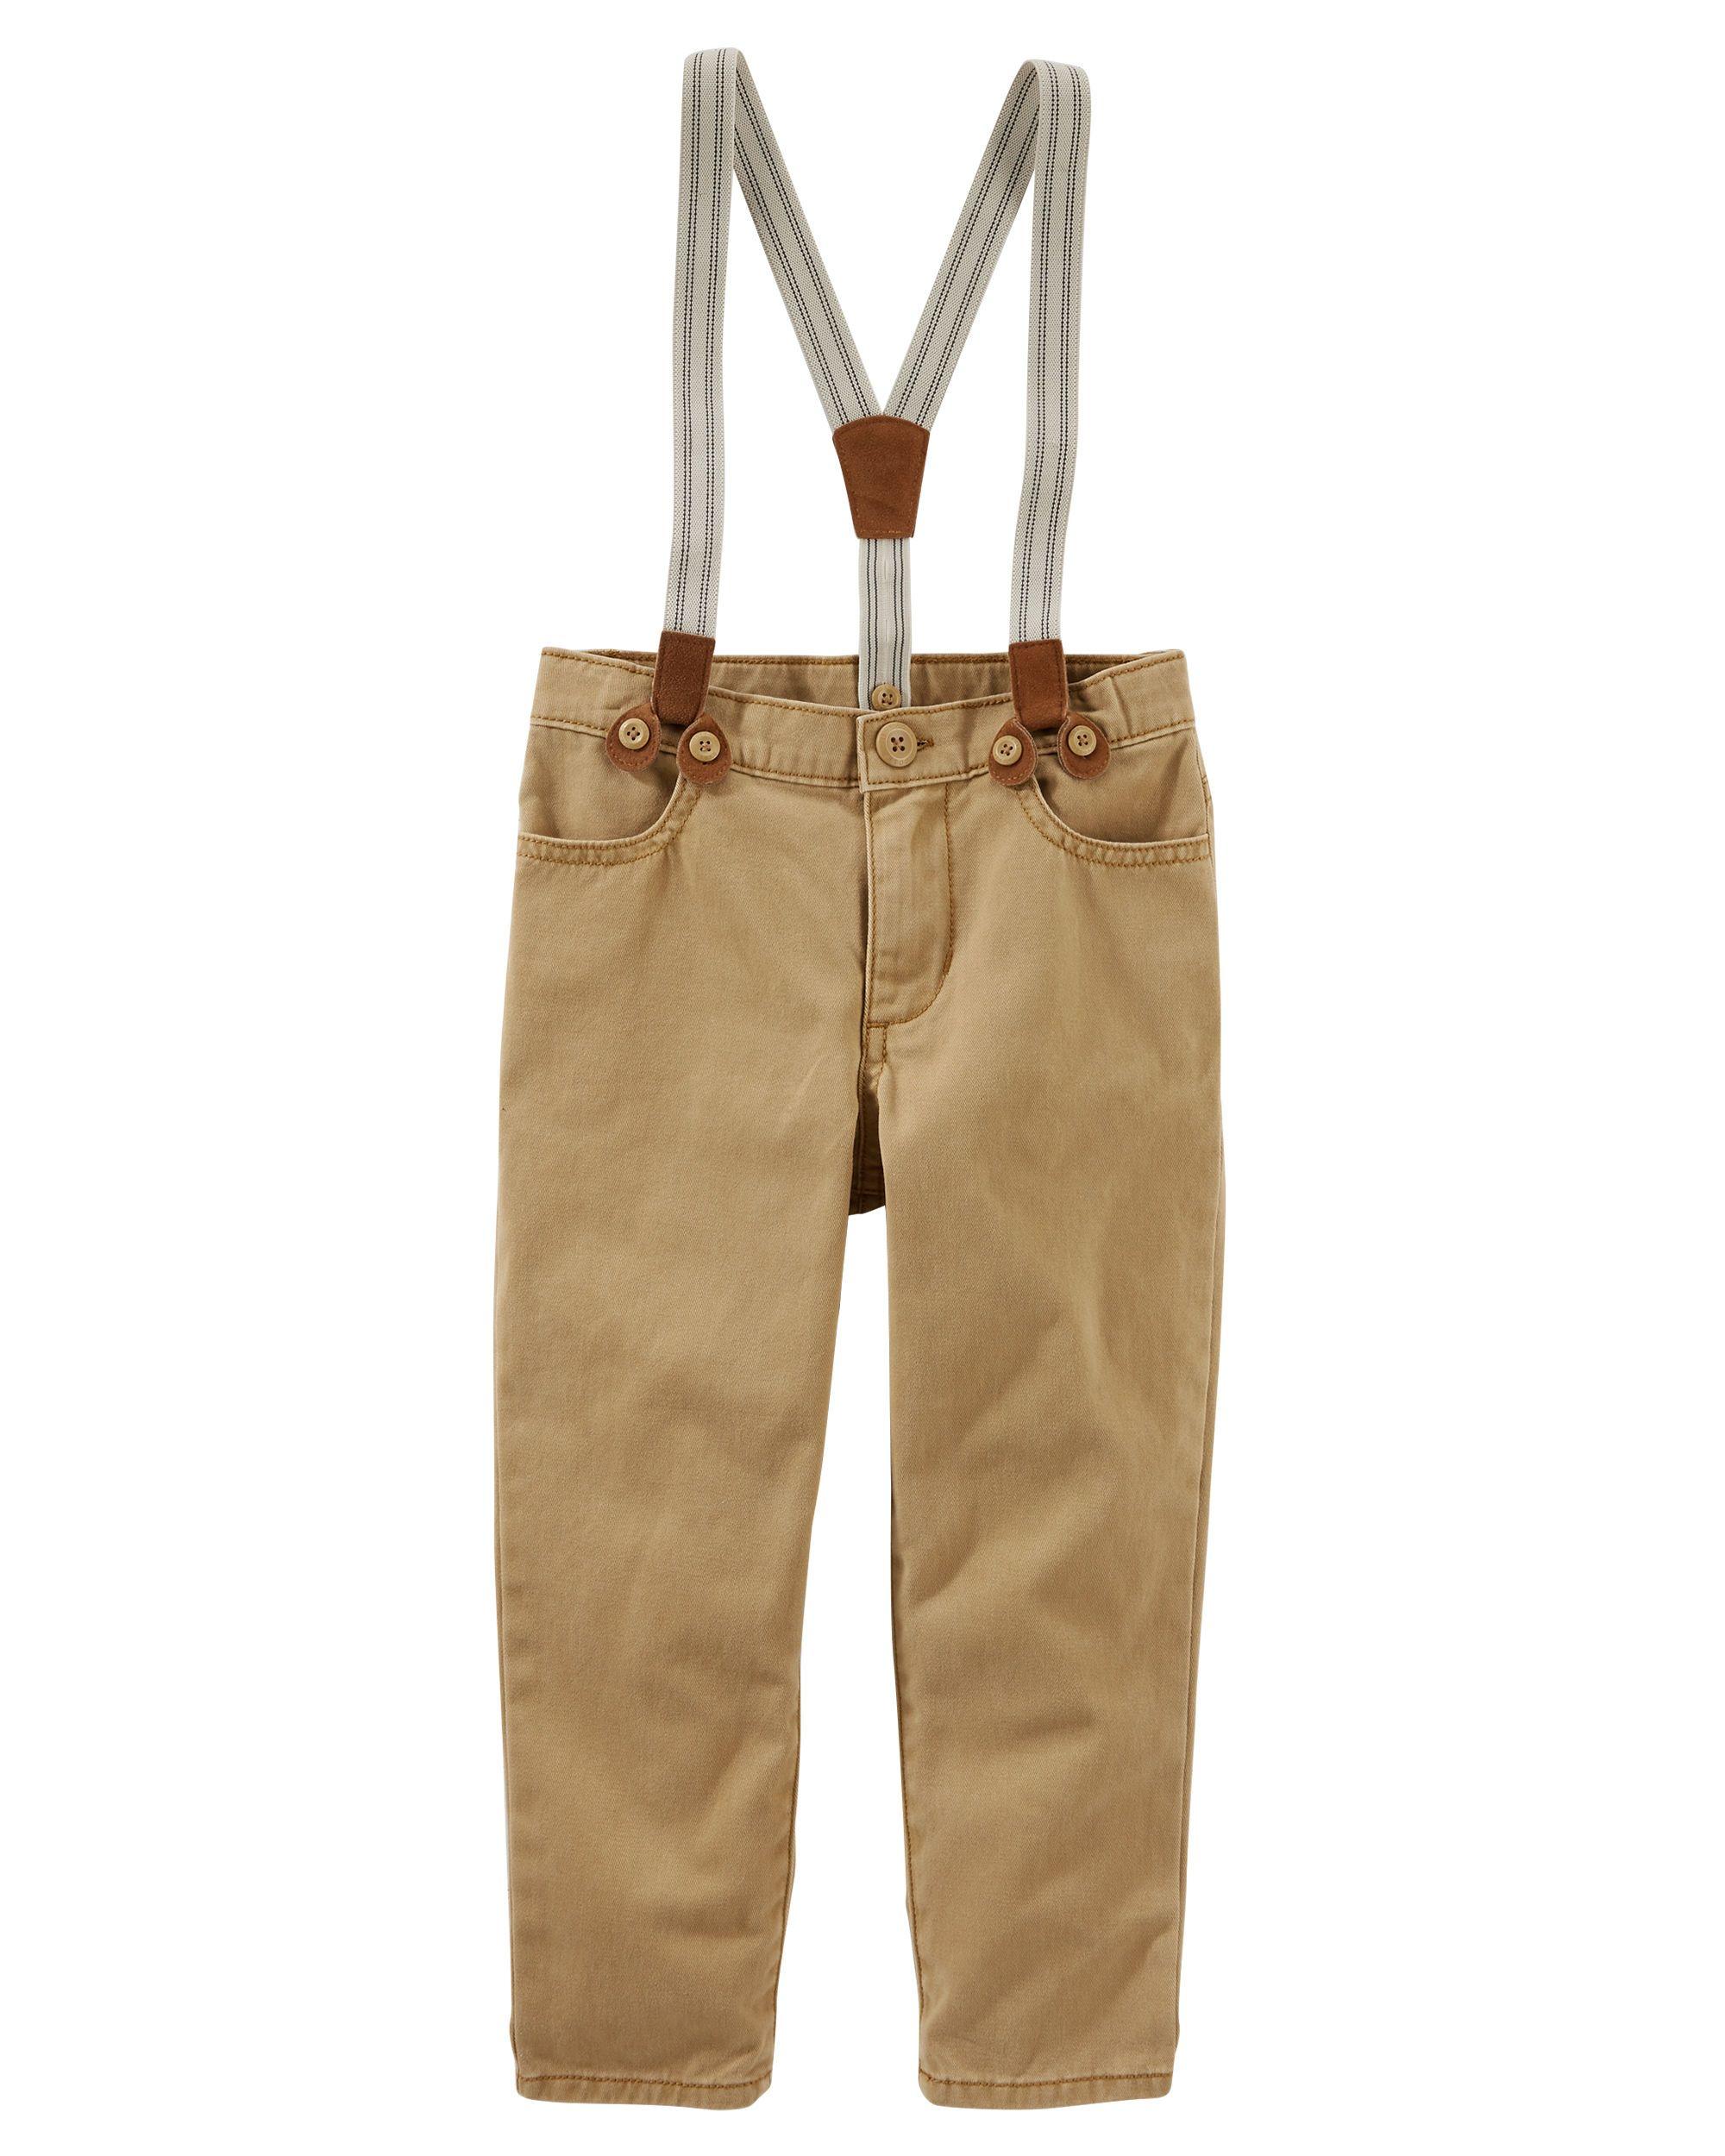 OshKosh BGosh Baby Boys Suspender Twill Pants